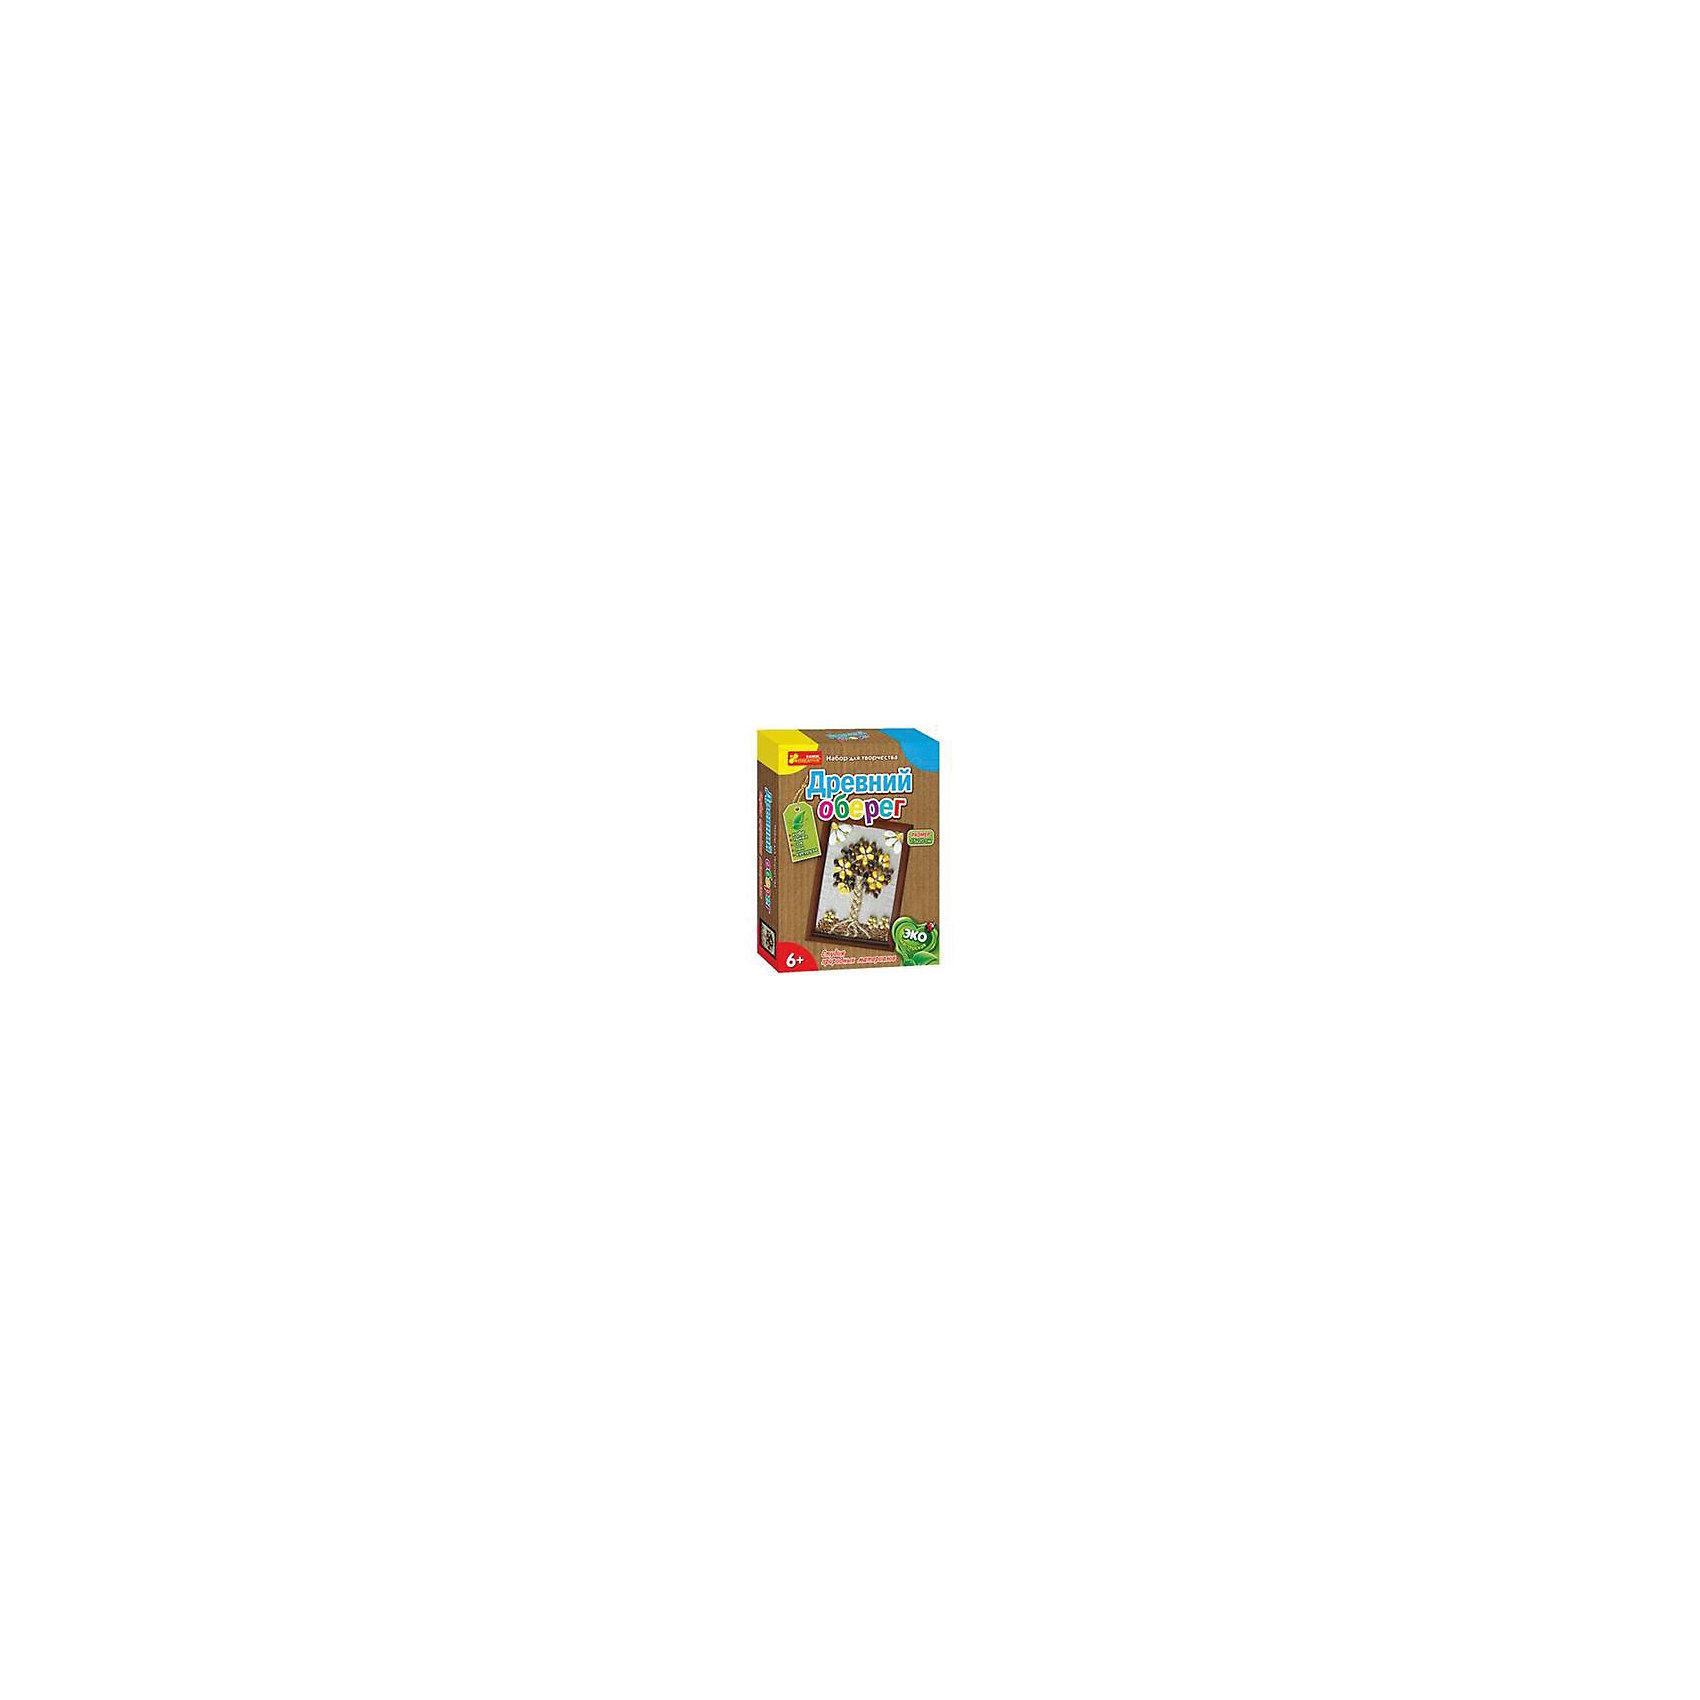 Наборы для творчества, Древний оберег (Н)Рукоделие<br>Характеристики:<br><br>• Предназначение: для занятий творчеством<br>• Пол: для девочек<br>• Комплектация: рамка, ткань, кофейные и кукурузные зерна, семена сои, тыквы, льна, бусинки, шпагат, леска, клей ПВА, кисточка, инструкция<br>• Материал: натуральные пищевые компоненты, дерево, текстиль, пластик<br>• Размеры упаковки (Д*Ш*В): 22,5*17*5 см<br>• Вес упаковки: 210 г <br>• Упаковка: картонная коробка<br><br>Наборы для творчества, Древний оберег (Н) от компании Ranok Creative, специализирующейся на производстве товаров для организации творческого досуга детей разного возраста, предназначены для создания панно в технике аппликации из натуральных компонентов. Набор состоит из материалов, инструментов и приспособлений для создания объемного дерева. Все материалы, использованные в наборе, имеют натуральную основу, они нетоксичны и безопасны. Набор Древний оберег (Н) от компании Ranok Creative позволяет создать своими руками оригинальное интерьерное украшение или подарок для родных к празднику. Творческие занятия с наборами от Ranok Creative способствуют развитию у детей креативного мышления, изысканного вкуса и формируют ценность ручного труда.<br><br>Наборы для творчества, Древний оберег (Н) можно купить в нашем интернет-магазине.<br><br>Ширина мм: 220<br>Глубина мм: 50<br>Высота мм: 170<br>Вес г: 400<br>Возраст от месяцев: 72<br>Возраст до месяцев: 180<br>Пол: Женский<br>Возраст: Детский<br>SKU: 5212542